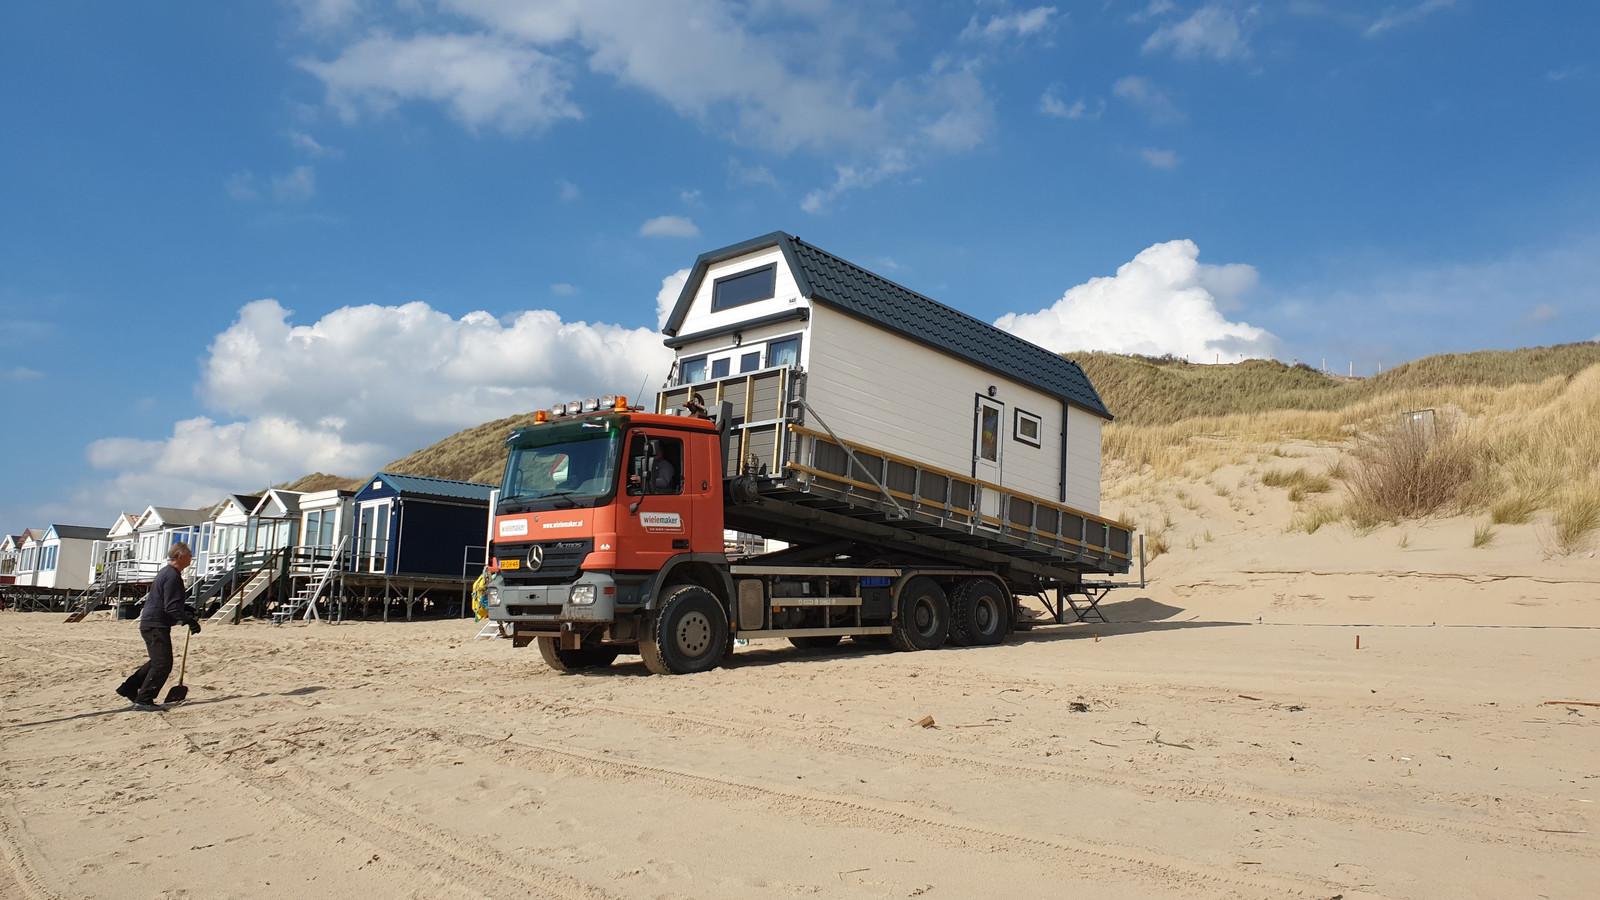 Een jaar geleden was er geen vuiltje aan de lucht voor de familie Oostrom uit Breda. Hun vakantiehuisje kon toen gewoon geplaatst worden op het strand bij Dishoek. Vanwege de coronacrisis is dat nu niet mogelijk.